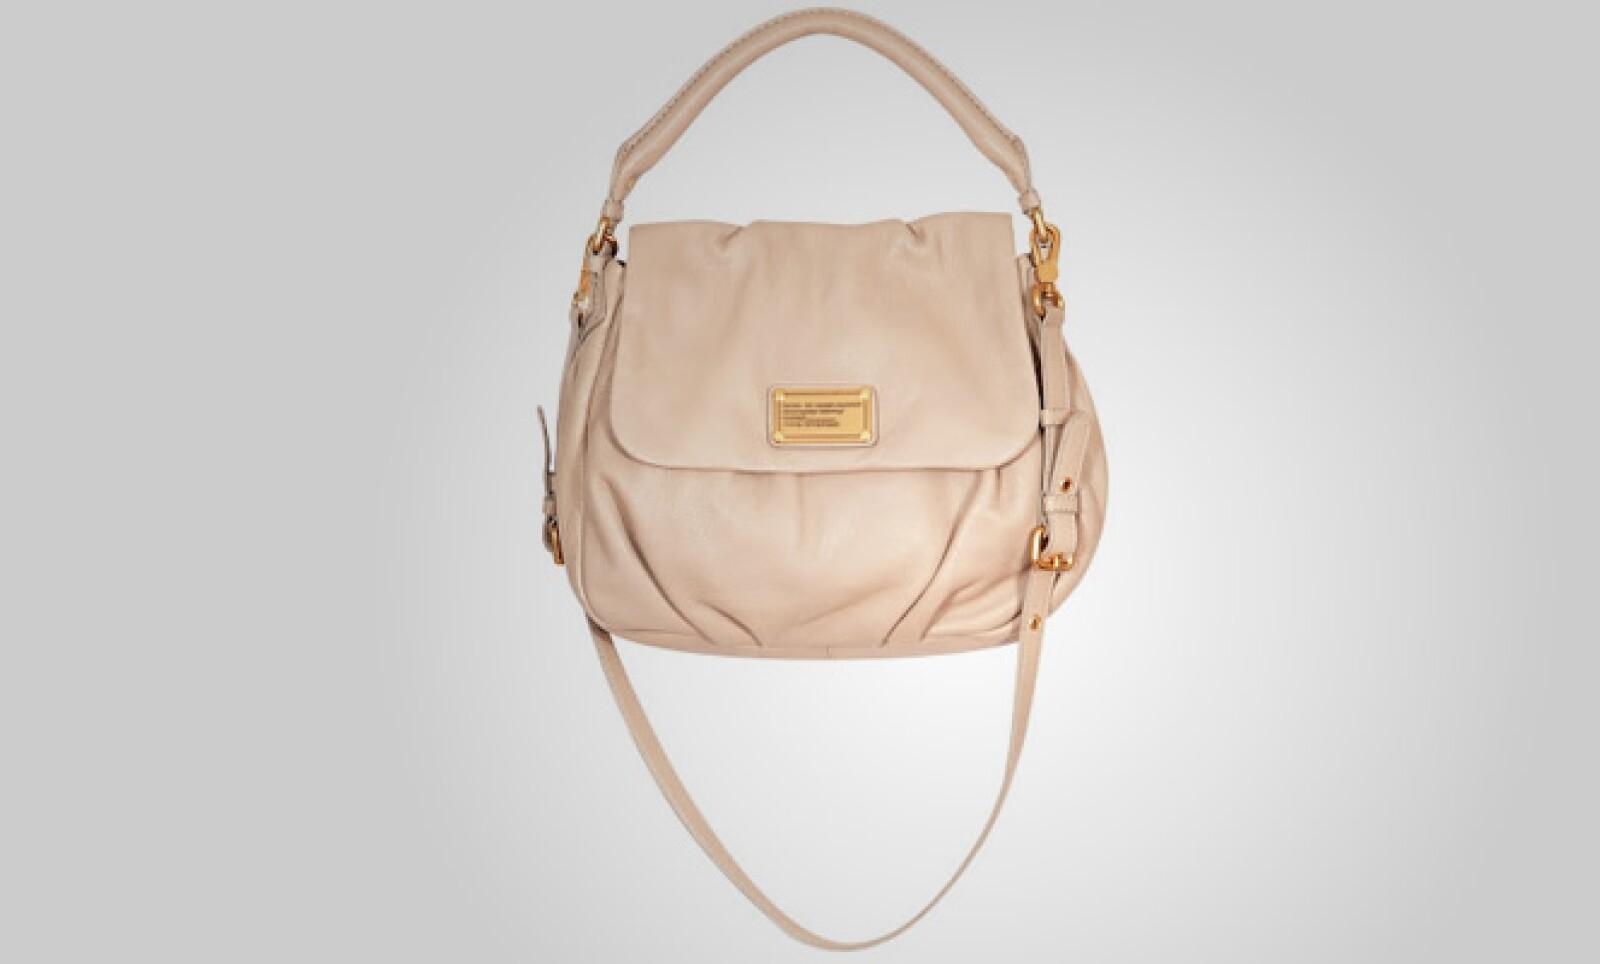 Estilo 'mensajero', esta bolsa está fabricada en piel y es ajustable por sus correas.